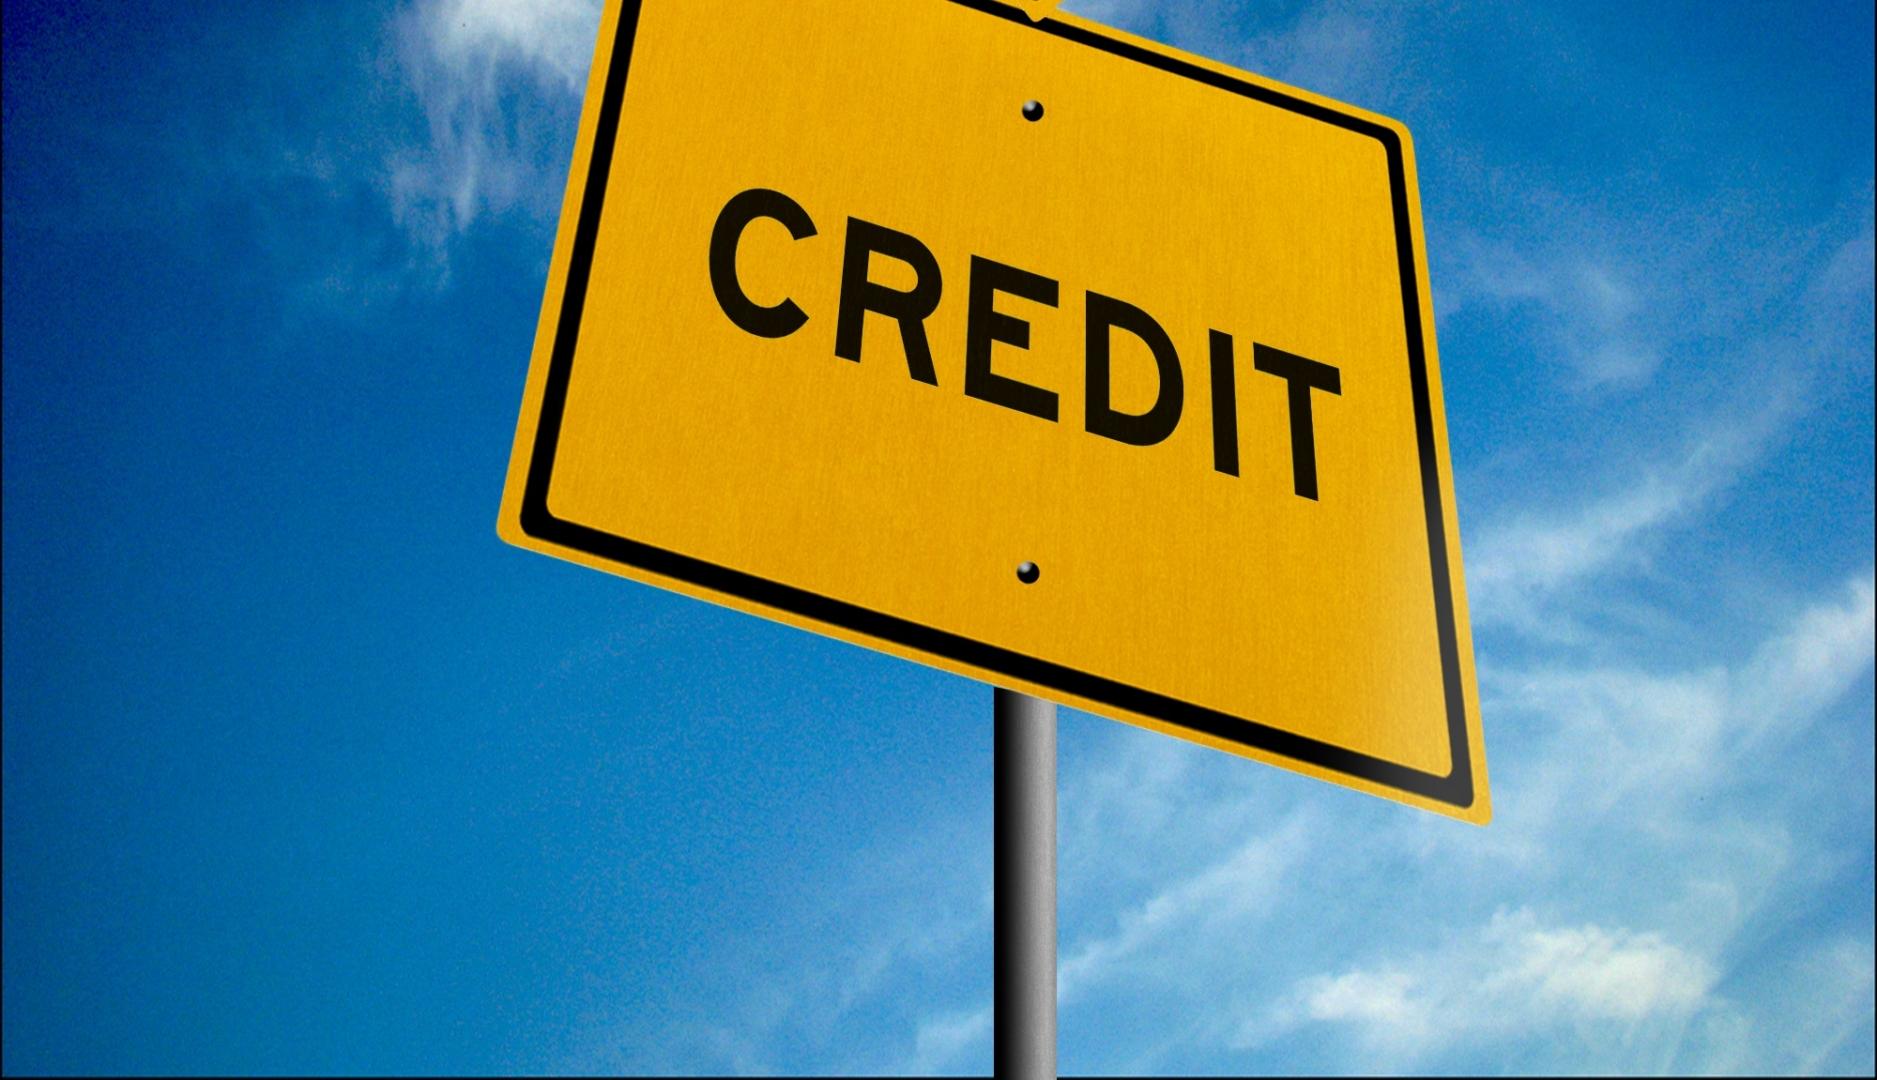 россельхозбанк оформить заявку на кредит онлайн для пенсионеров